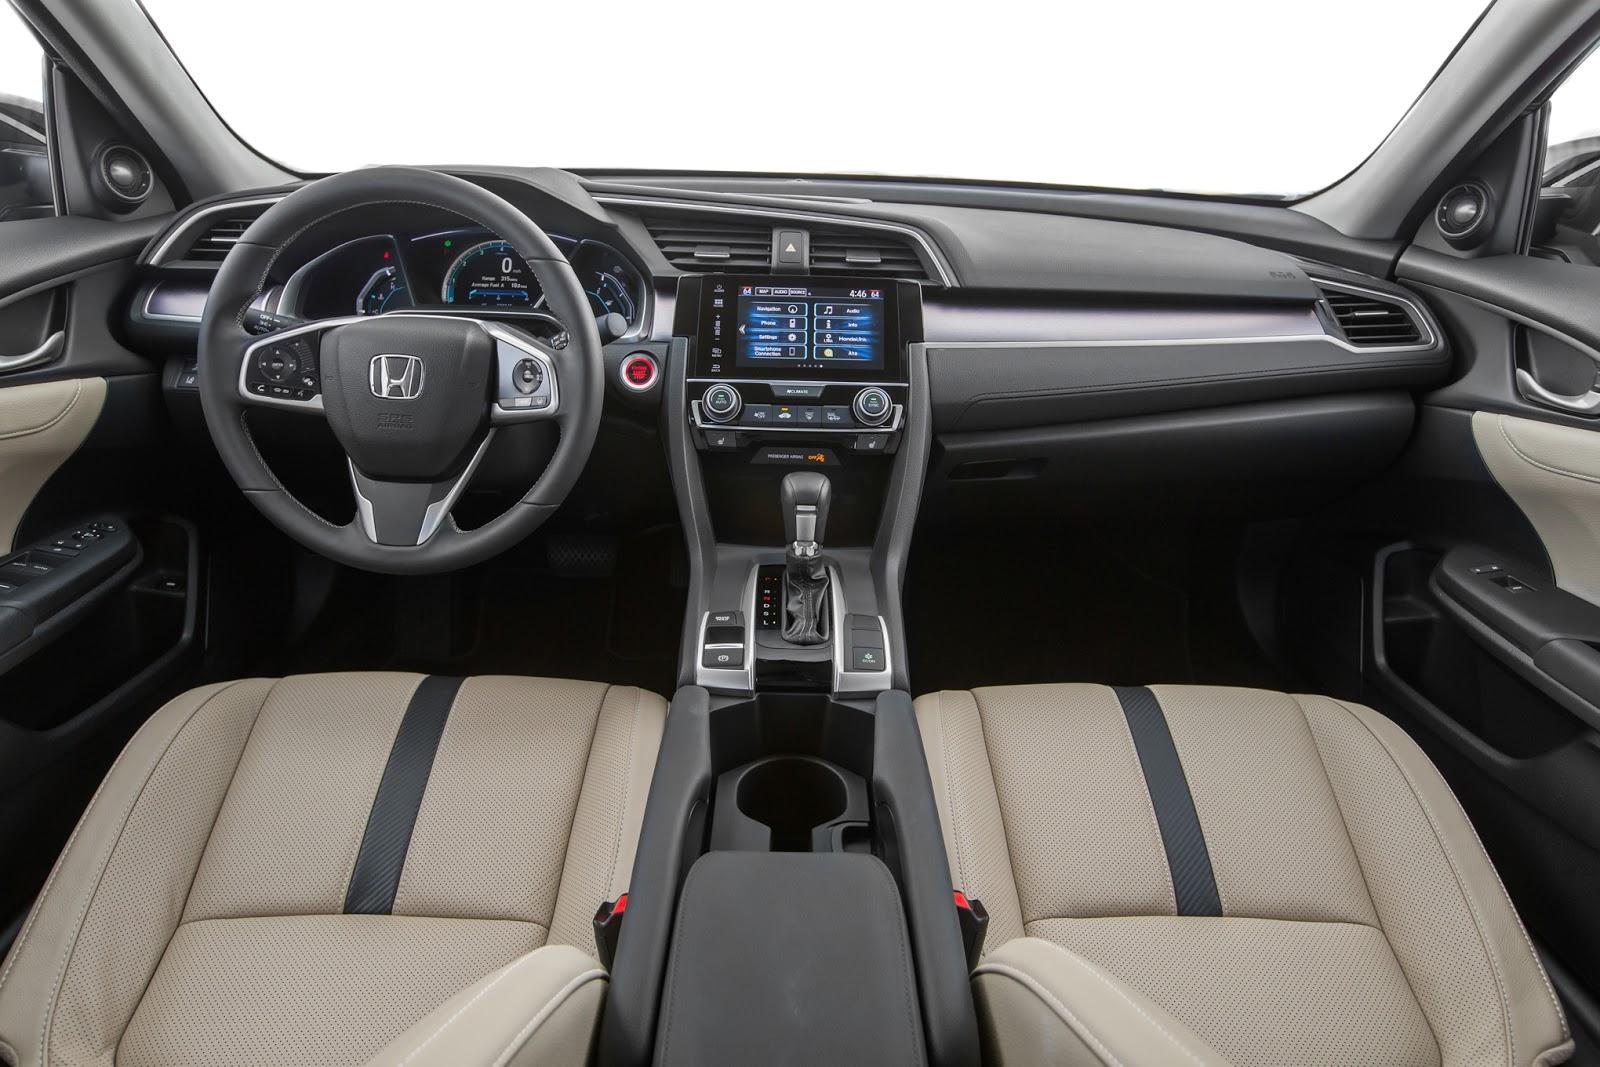 Yeni Honda Civic fiyatı ne kadar olabilir? | sekizsilindir.com